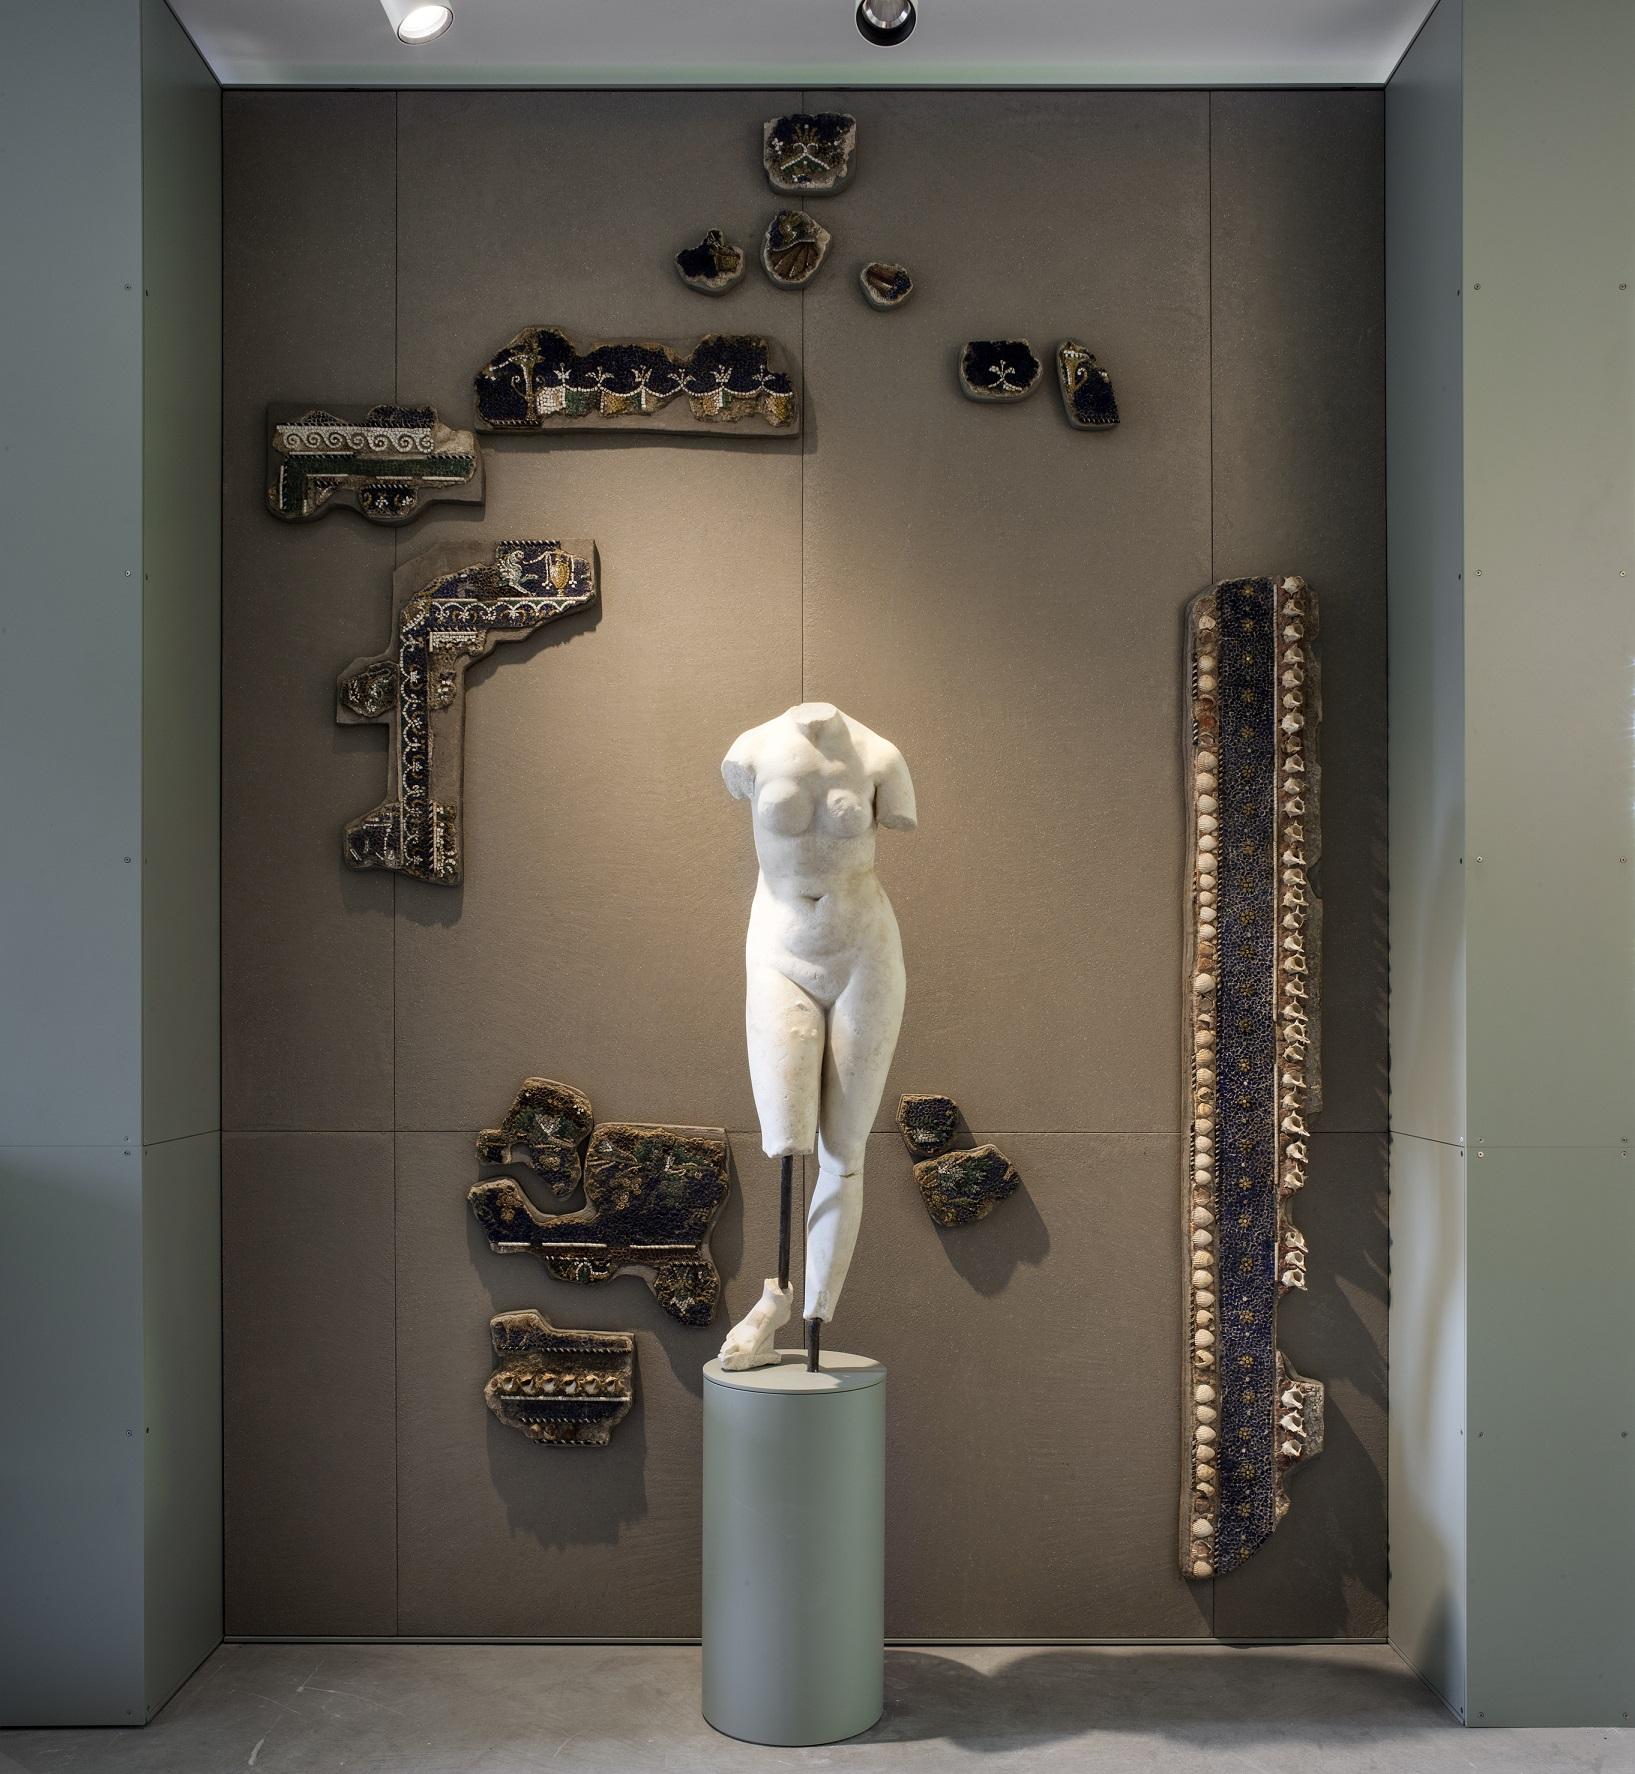 Ph. Museo Archeologico Nazionale di Aquileia (Venere pudica) © Alessandra Chemollo